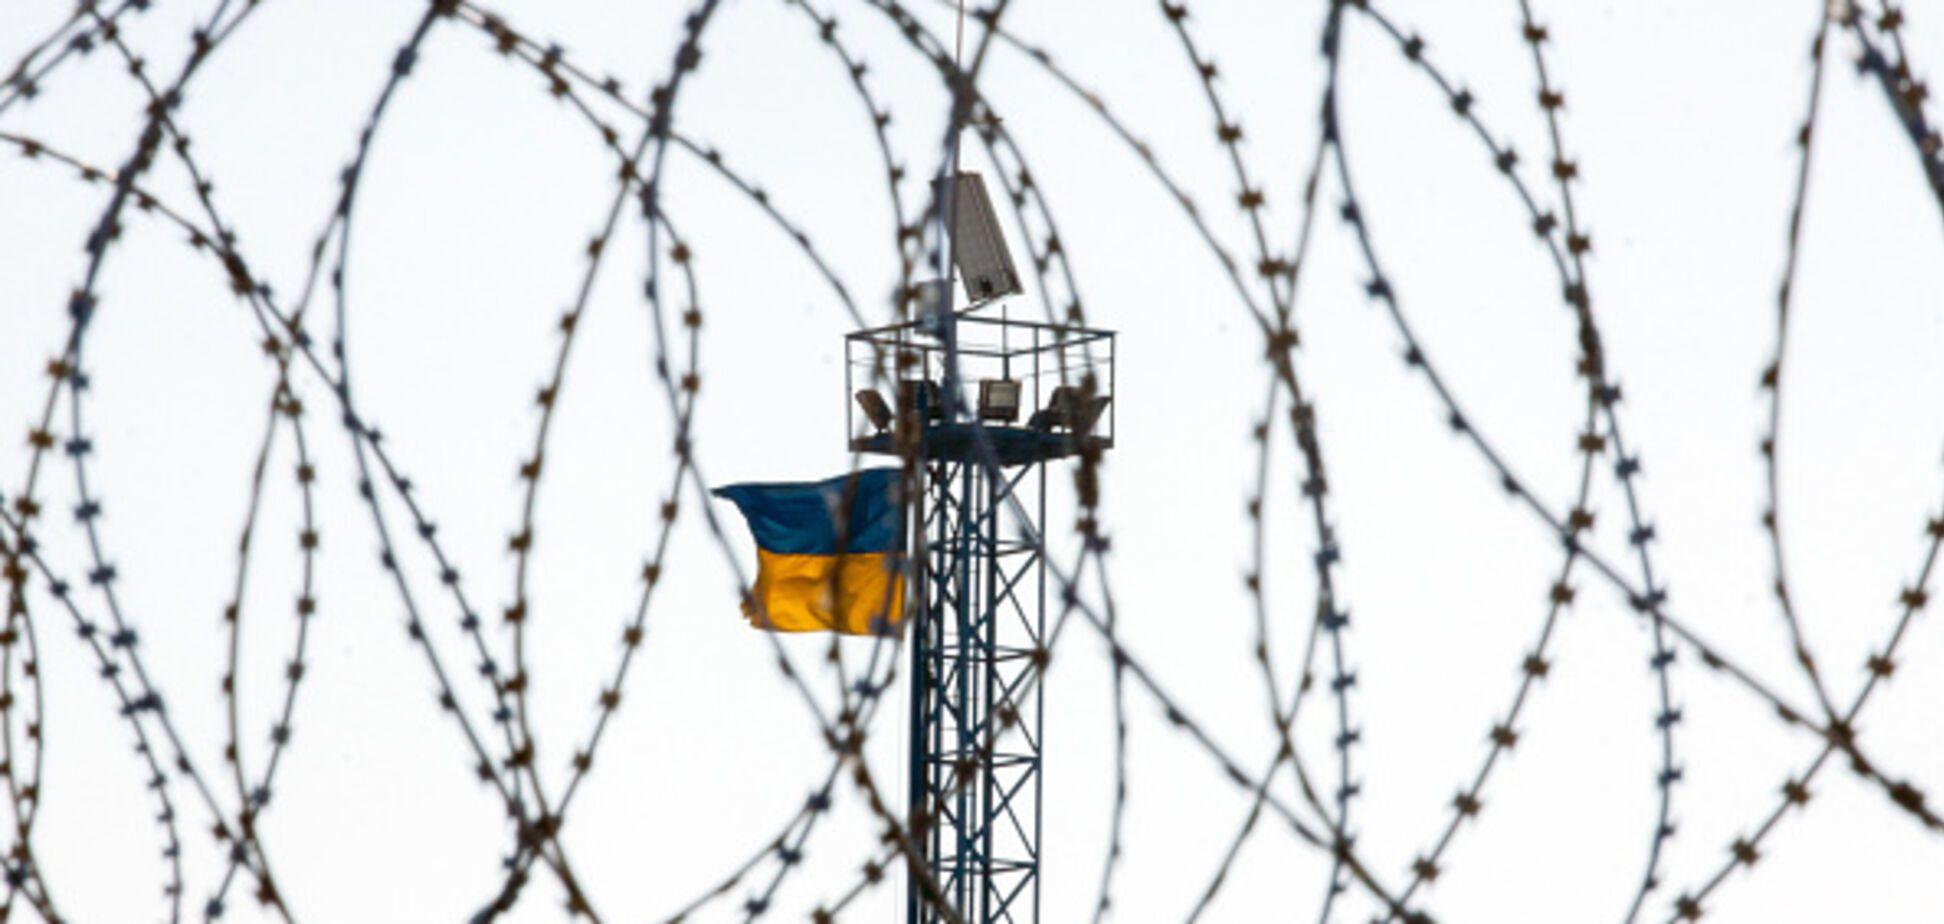 Суд прийняв рішення по власнику приватного кордону на Закарпатті